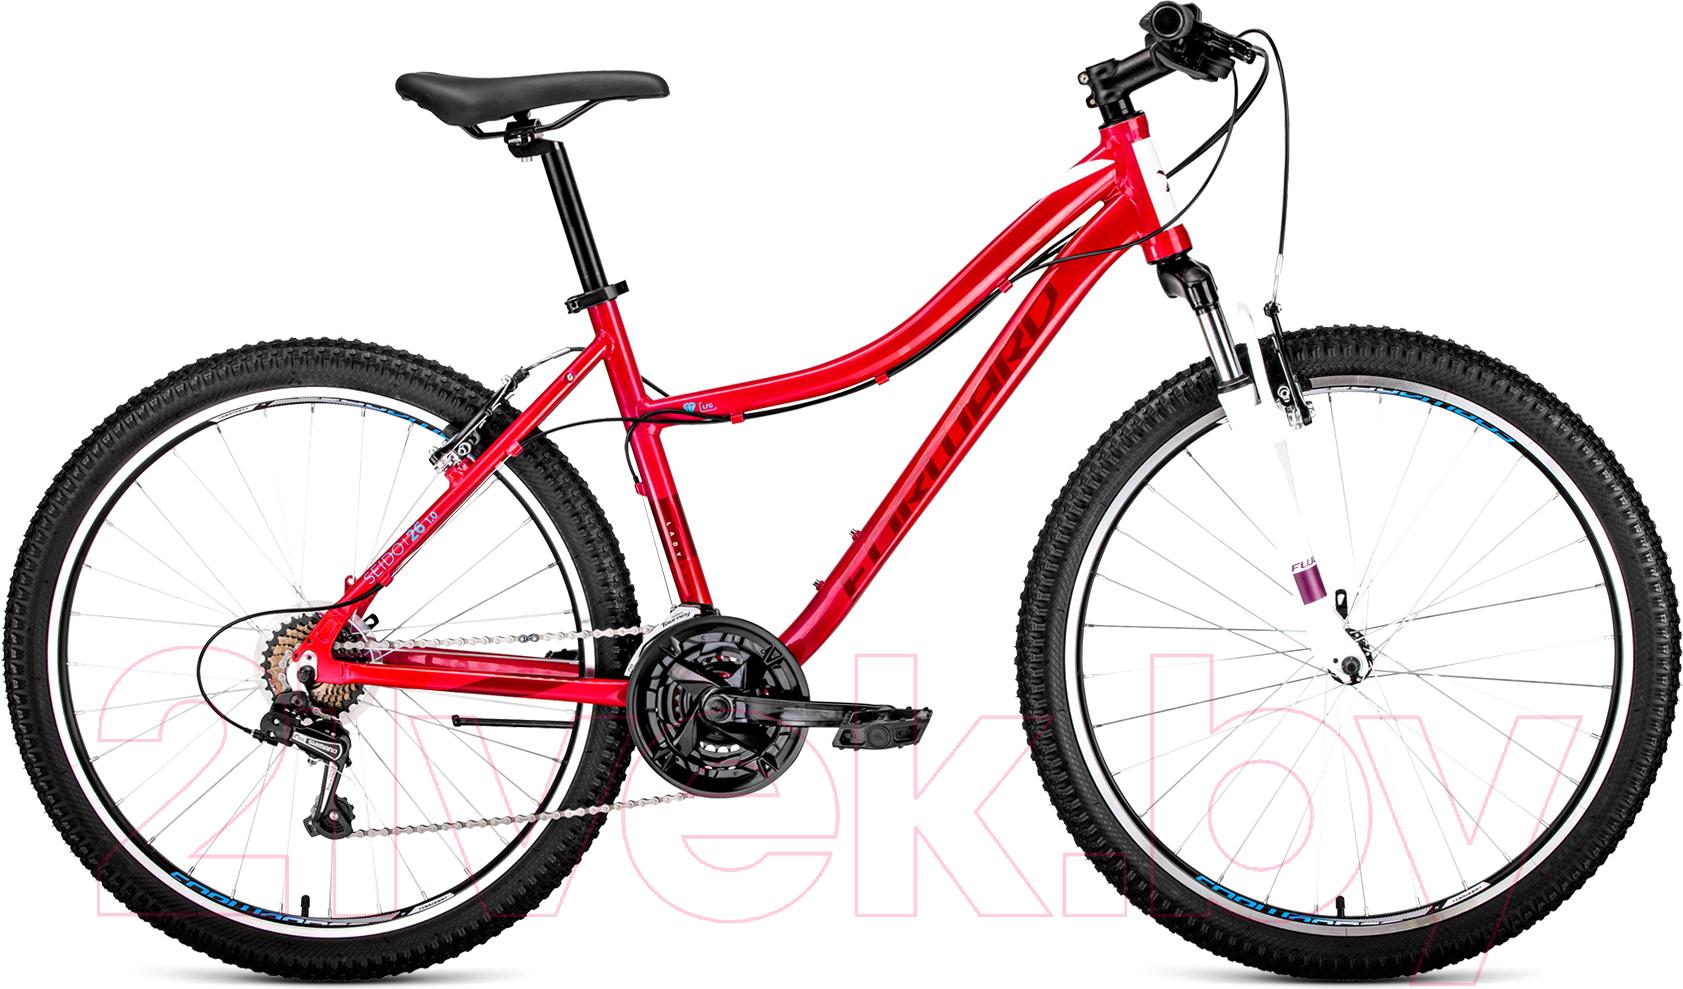 Купить Велосипед Forward, Seido 26 1.0 2019 / RBKW9766Q004 (розовый), Россия